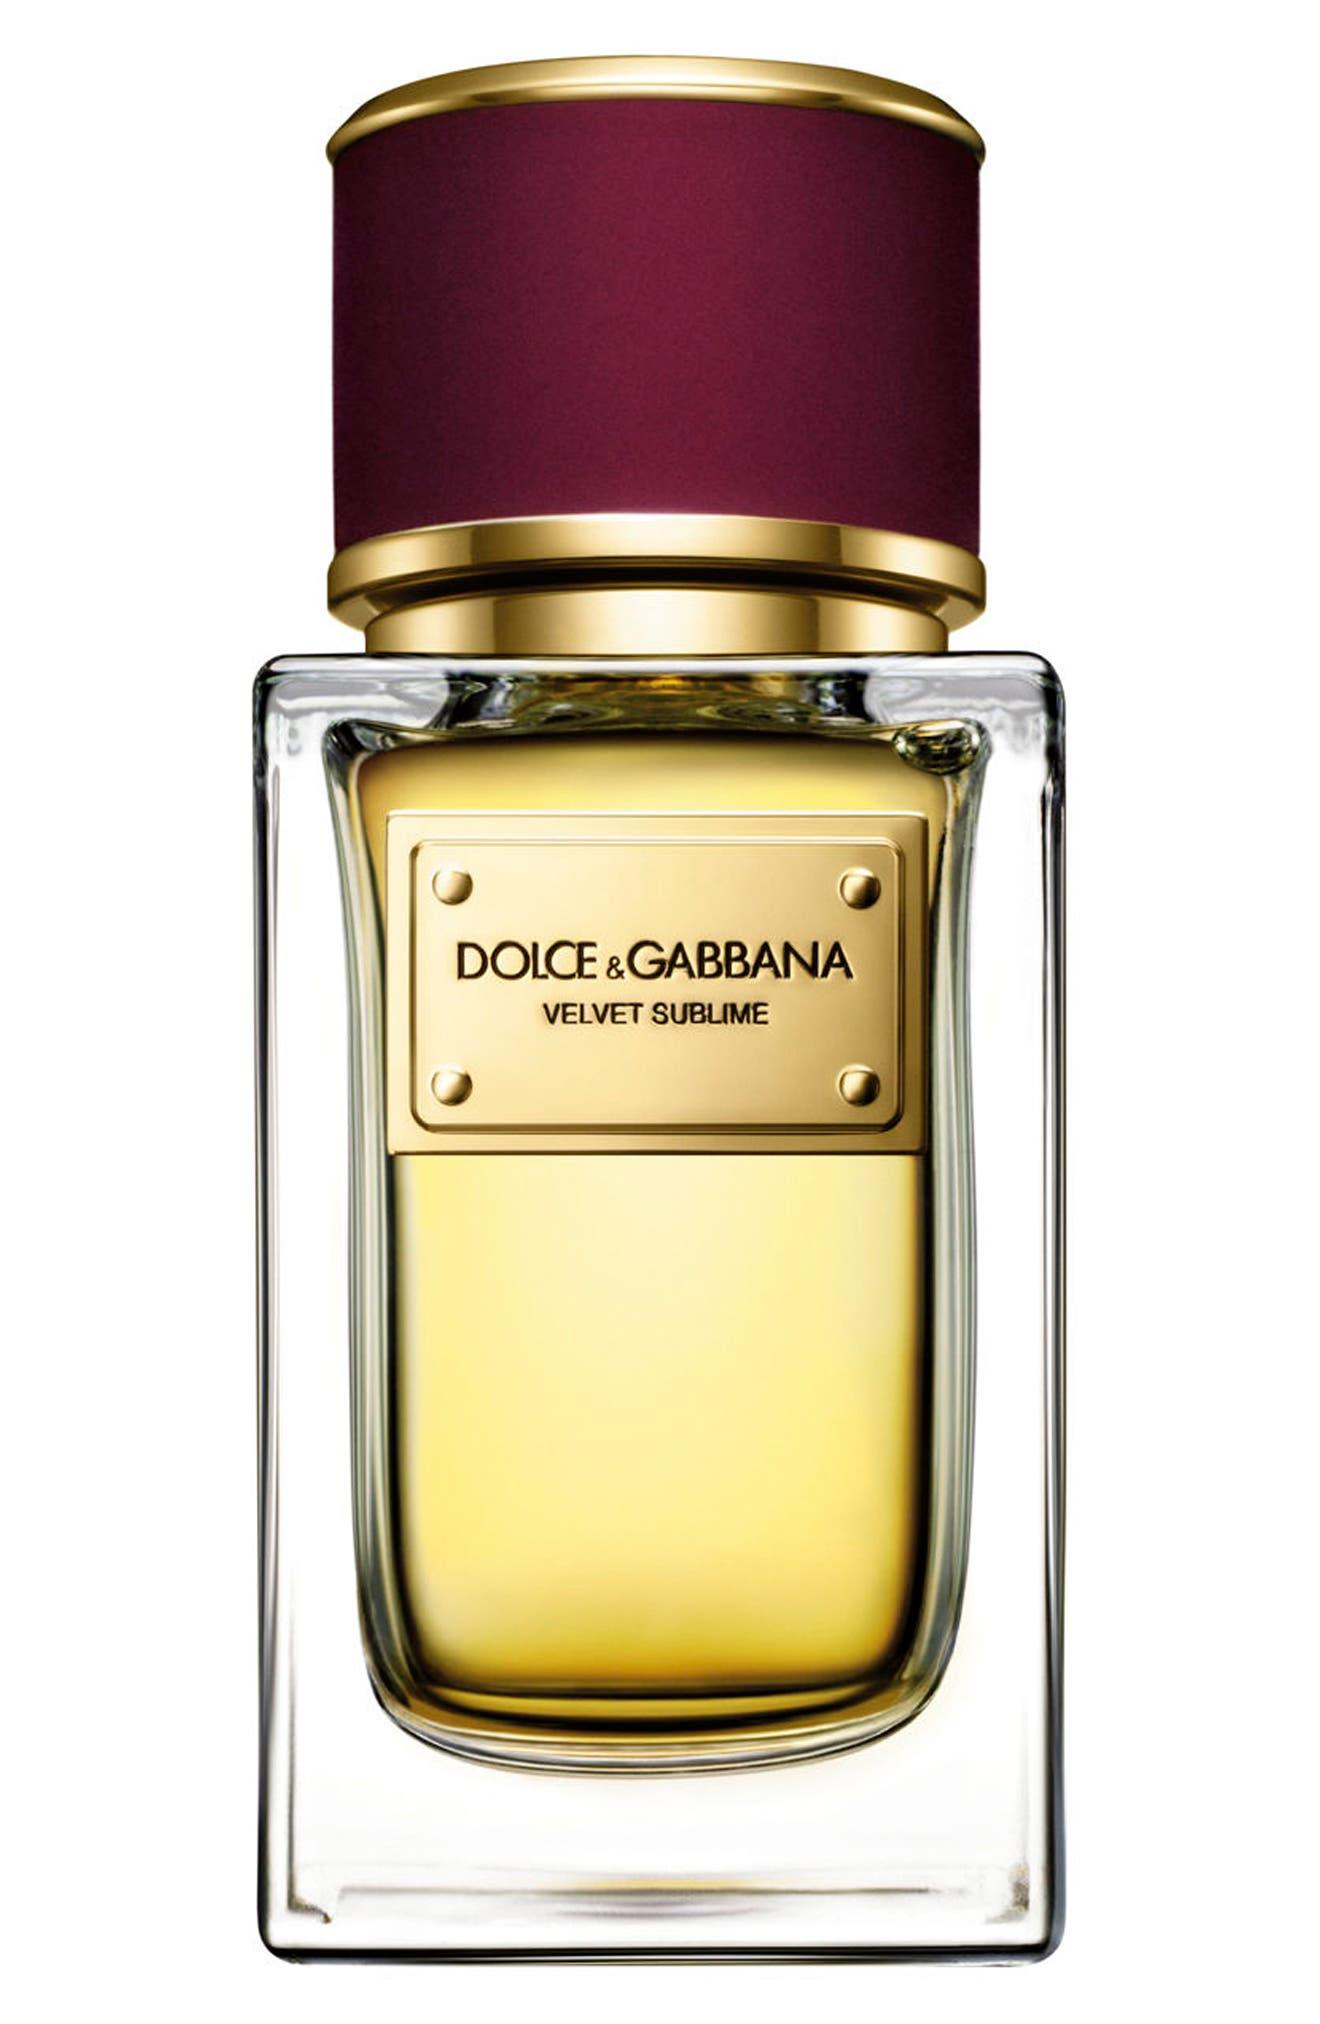 Alternate Image 1 Selected - Dolce&Gabbana Beauty 'Velvet Sublime' Eau de Parfum